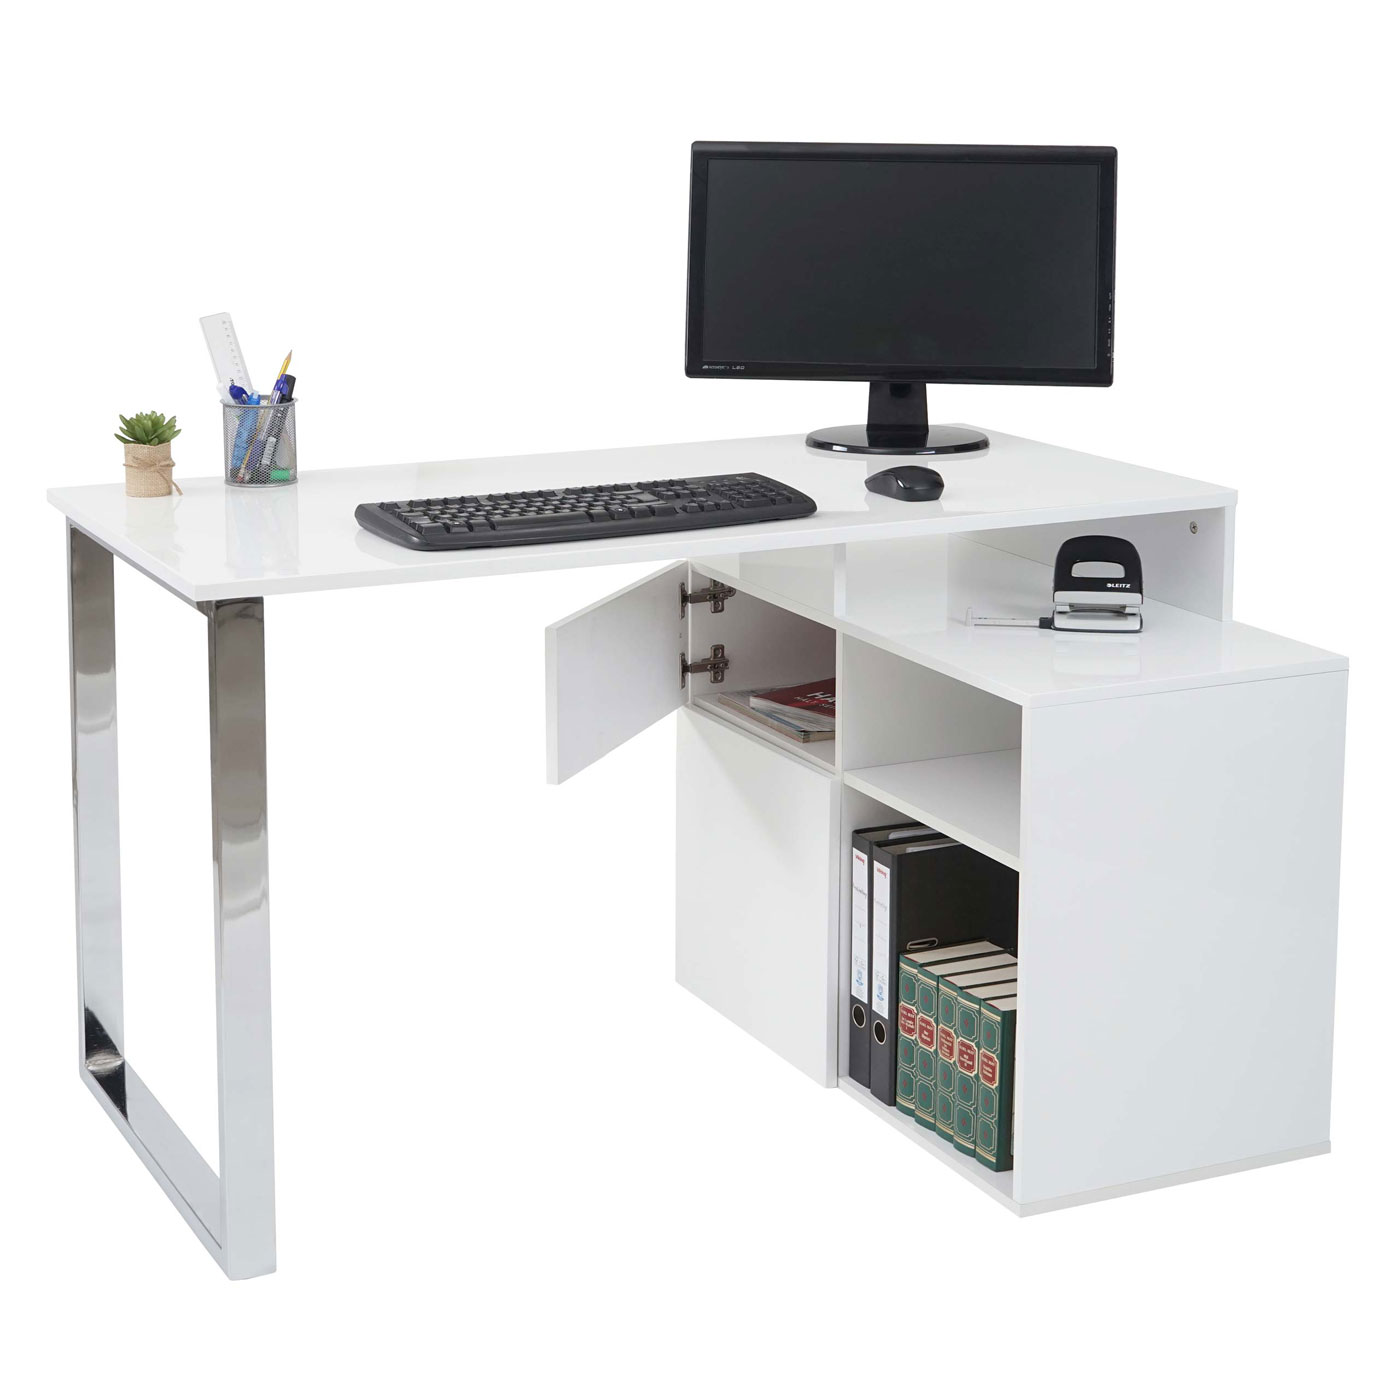 eckschreibtisch hwc a72 b rotisch schreibtisch computertisch hochglanz 120x80cm wei. Black Bedroom Furniture Sets. Home Design Ideas